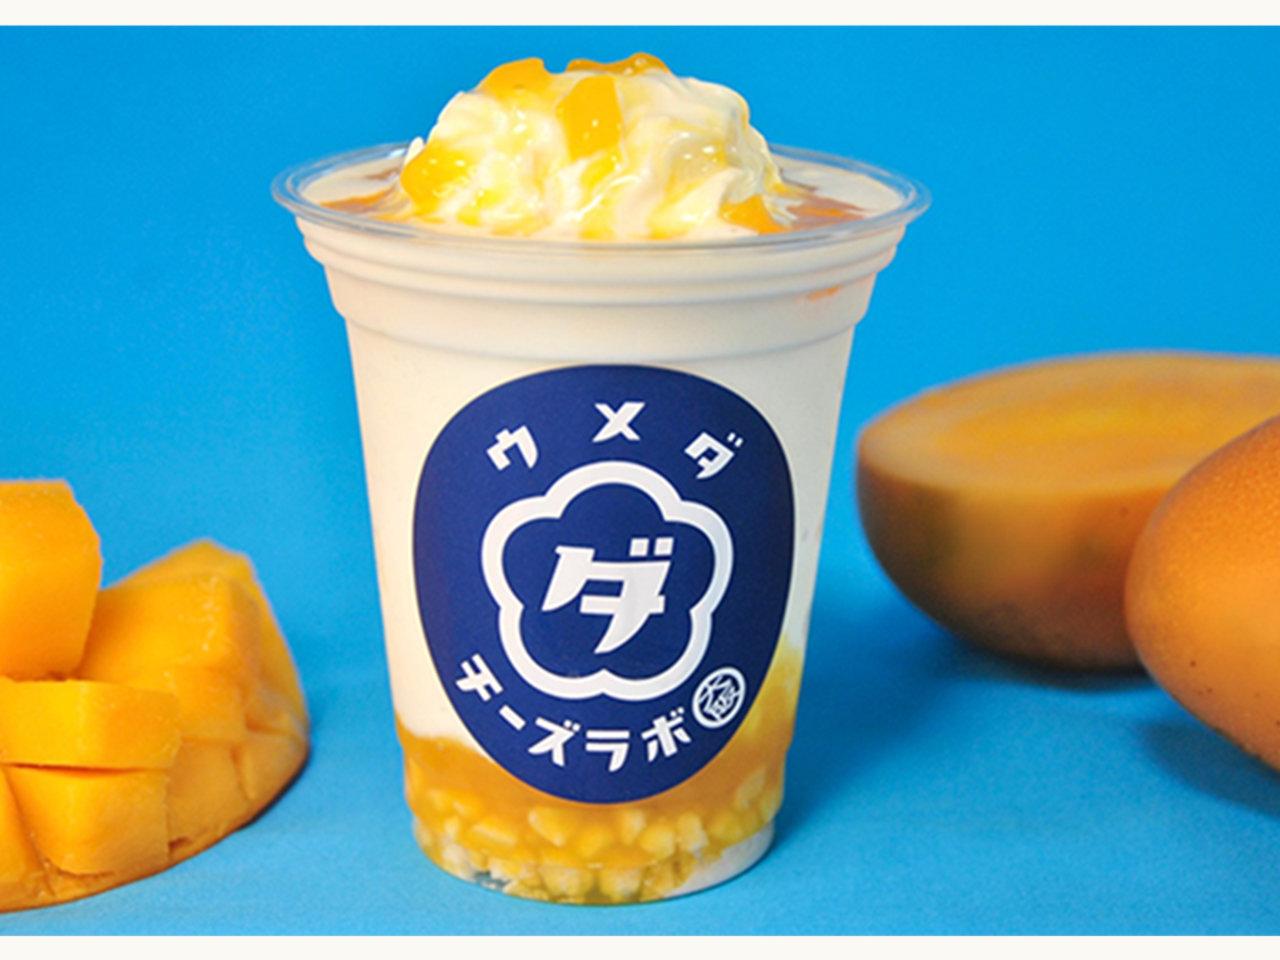 夏の飲めるチーズケーキ「飲めるマンゴーチーズタルト」が期間限定で登場!